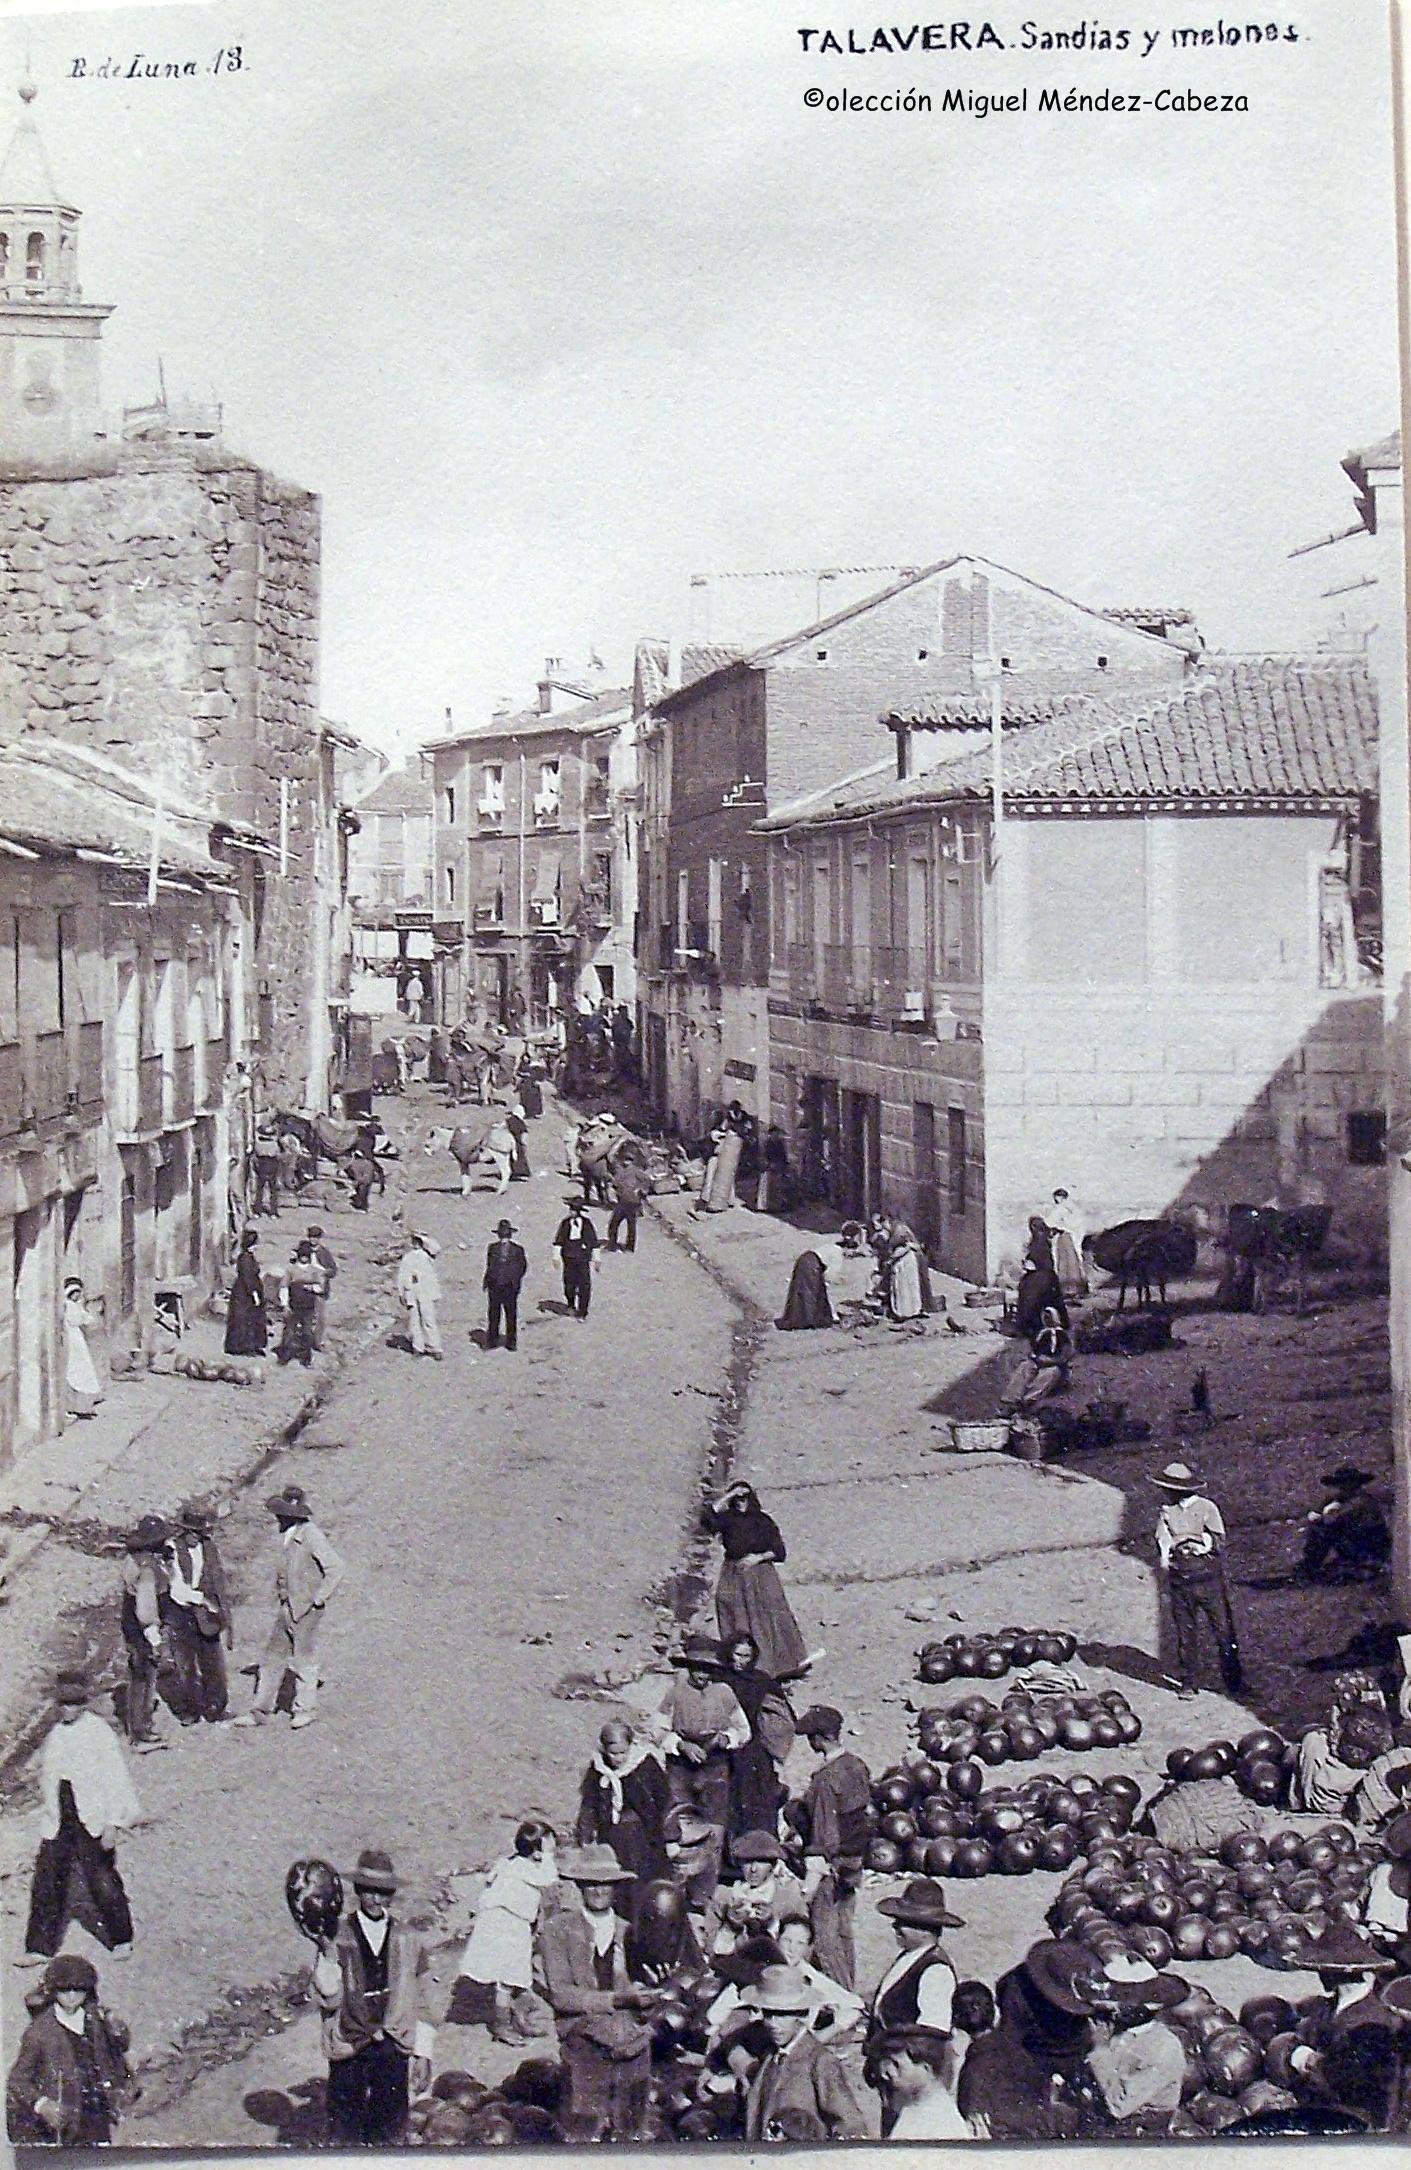 Calle carnicerías en una foto de Ruiz de Luna de los años 20. Albañales, labriegos y venta de melones y sandías.